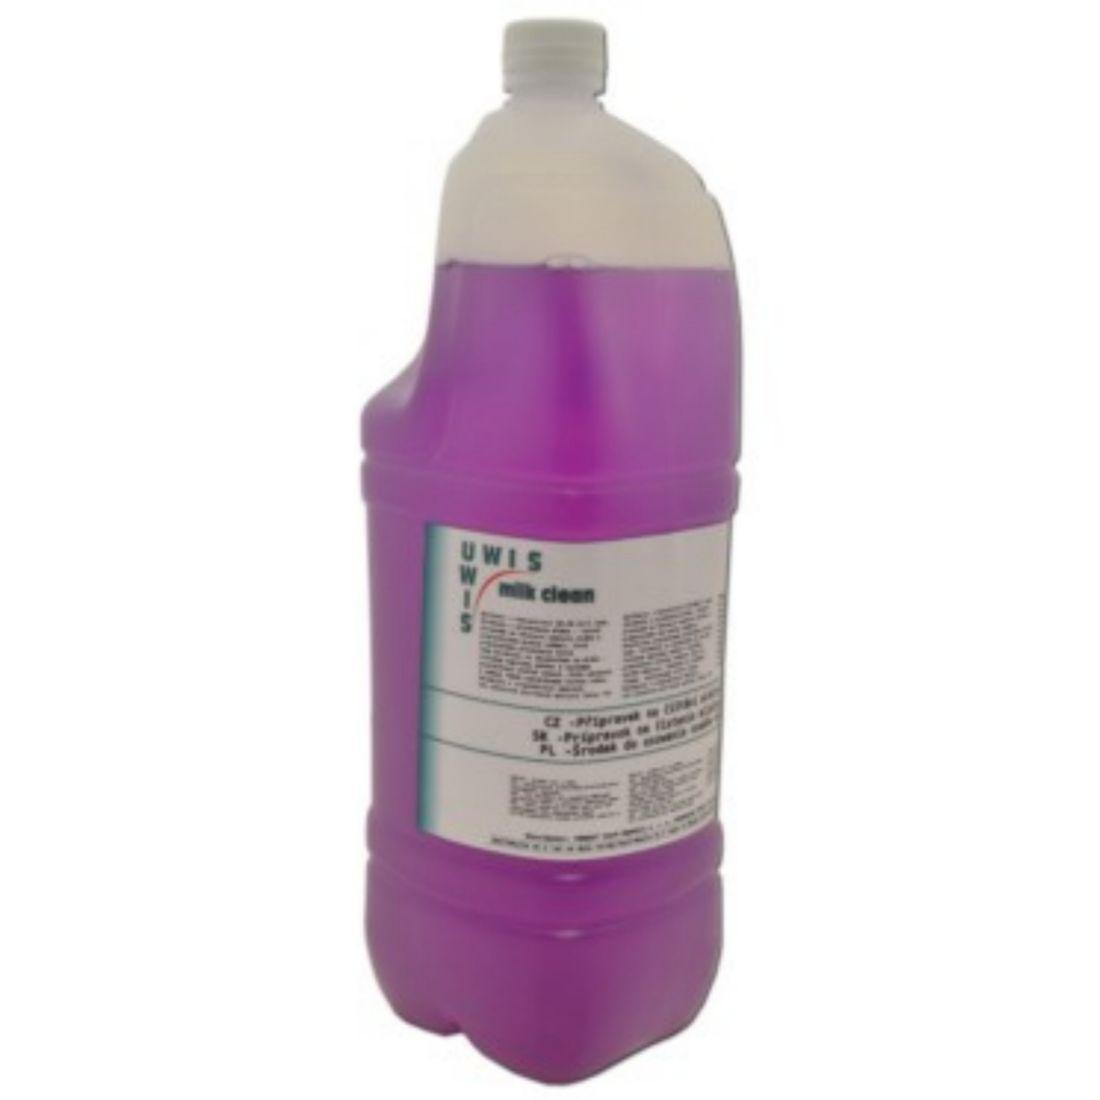 UWIS milk clean 2 kg